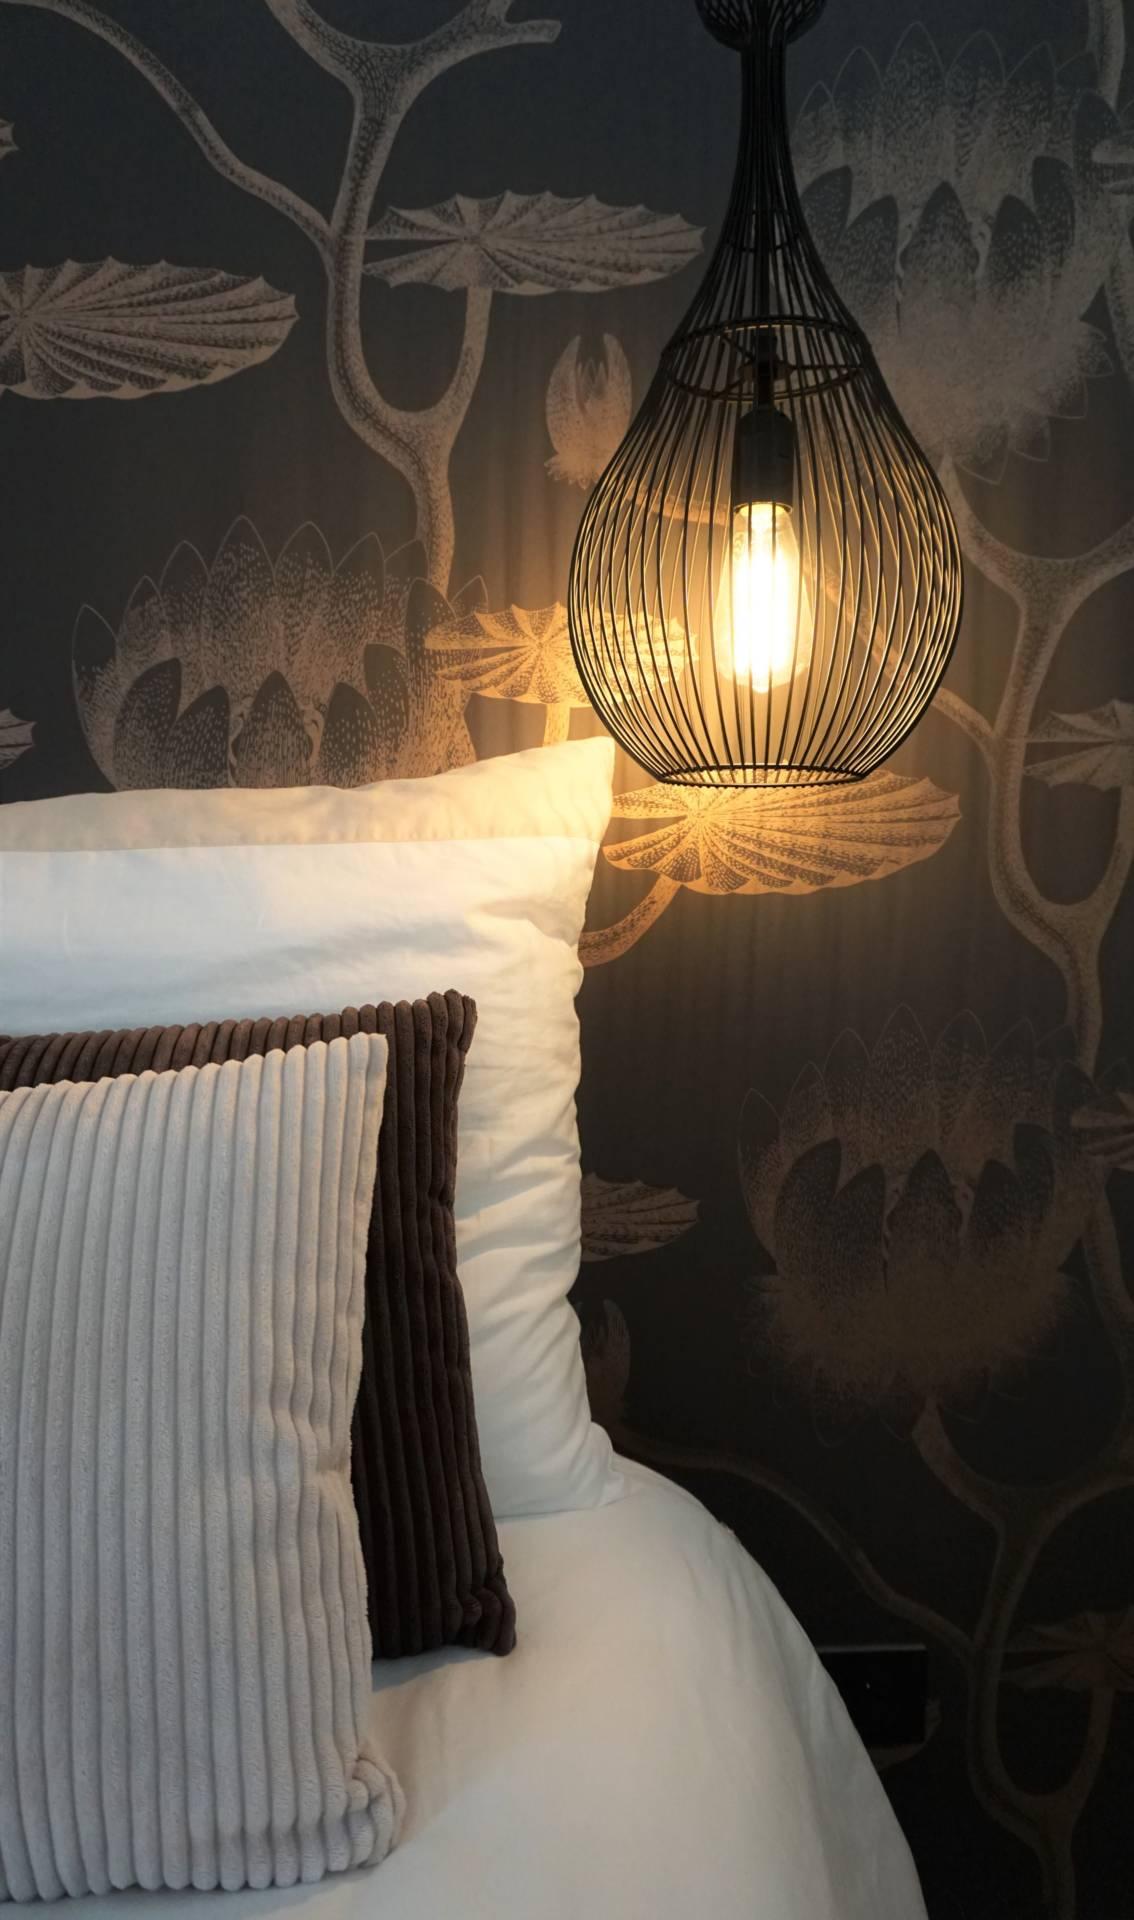 Chambre à coucher, Entre Modernité et Art Nouveau par Anne Solenn Chérat, Décoratrice UFDI sur Lorient, Vannes, Pontivy.